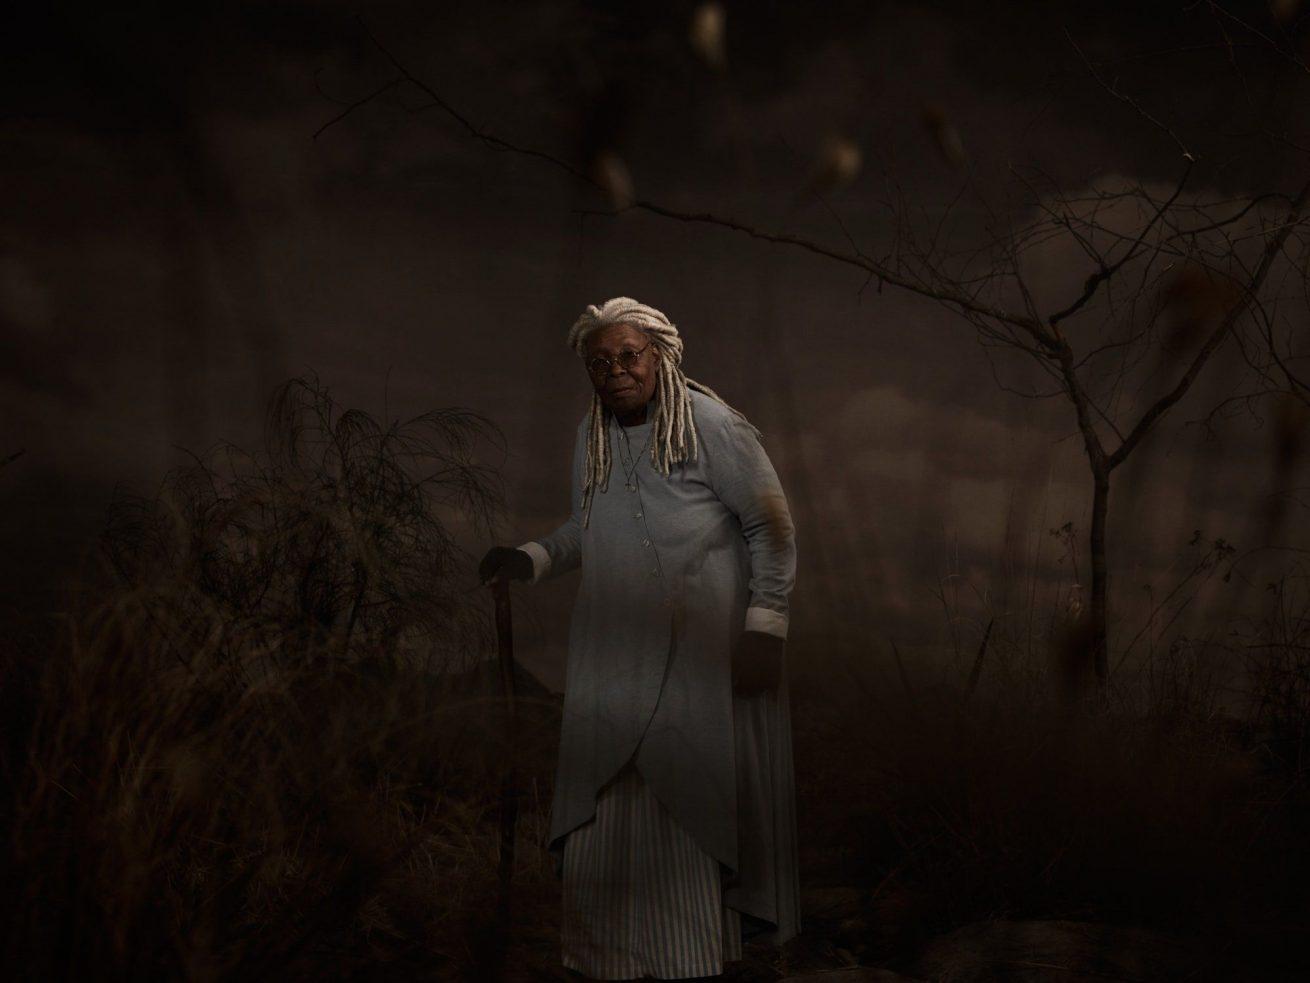 stephen king romanından uyarlanan mini dizi the stand'in yeni teaser fragmanı yayında